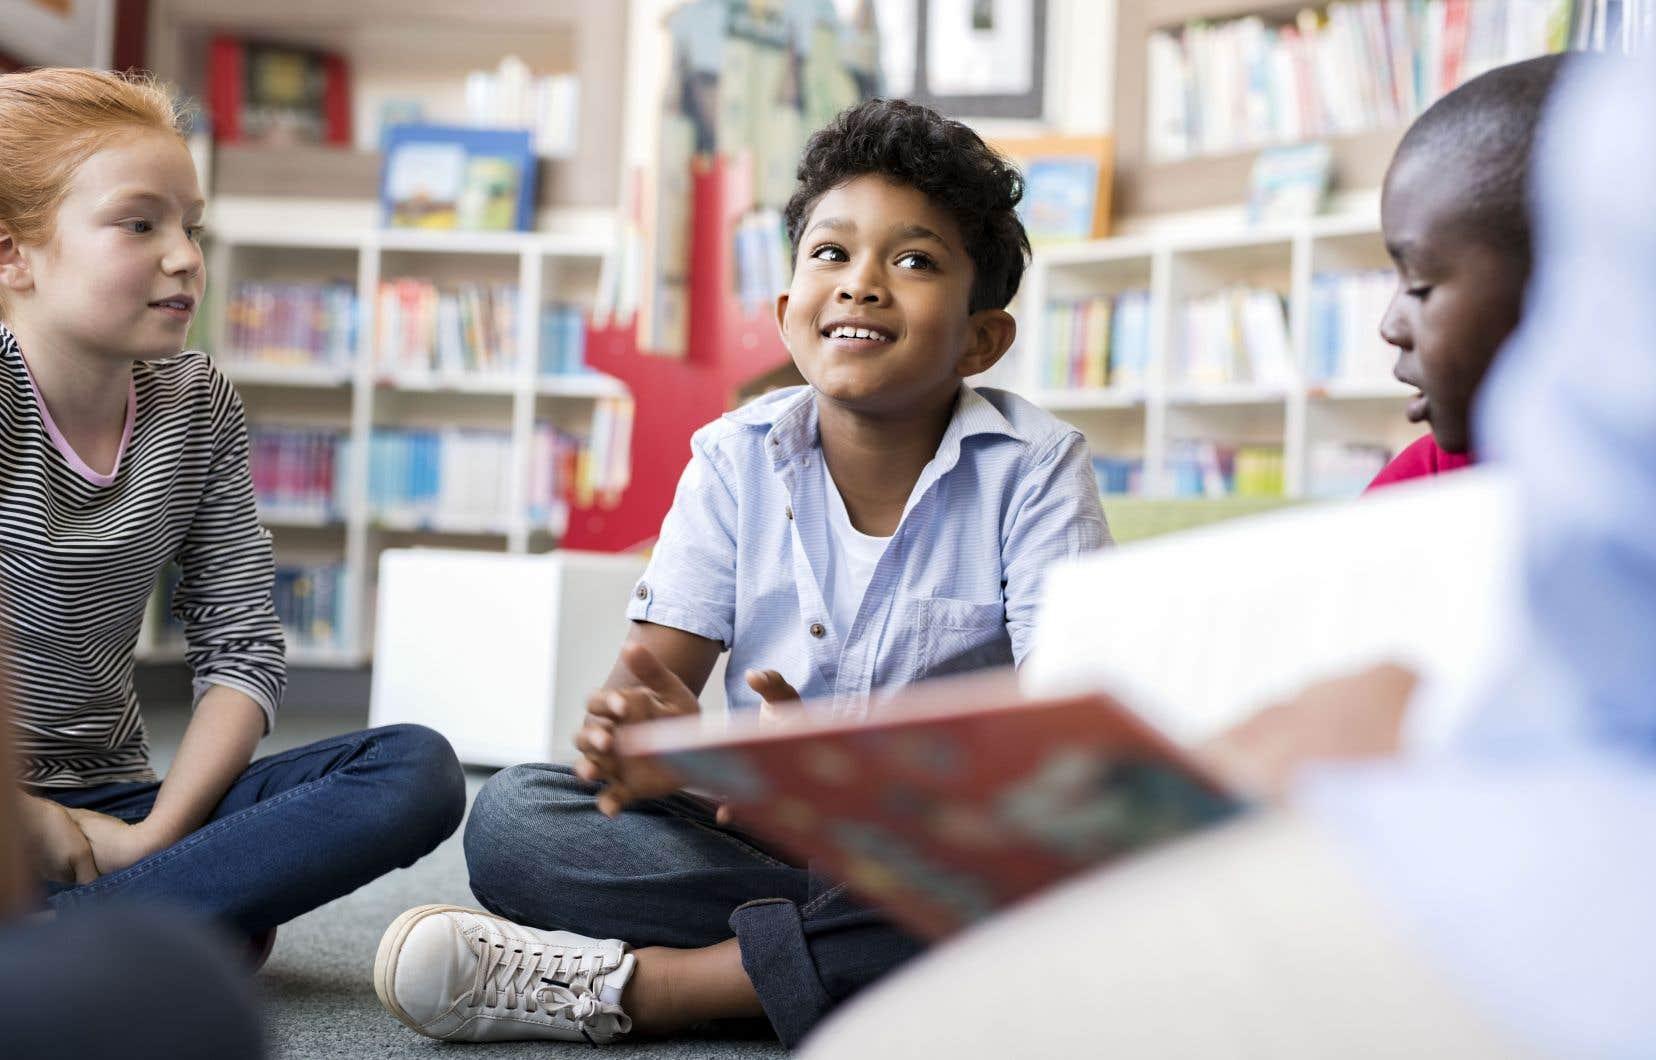 Le projet Agir tôt reposera sur le déploiement d'une plateforme informatique qui pourra donner aux parents accès à des questionnaires offrant l'évalutation du profil développe-mental de leur enfant.